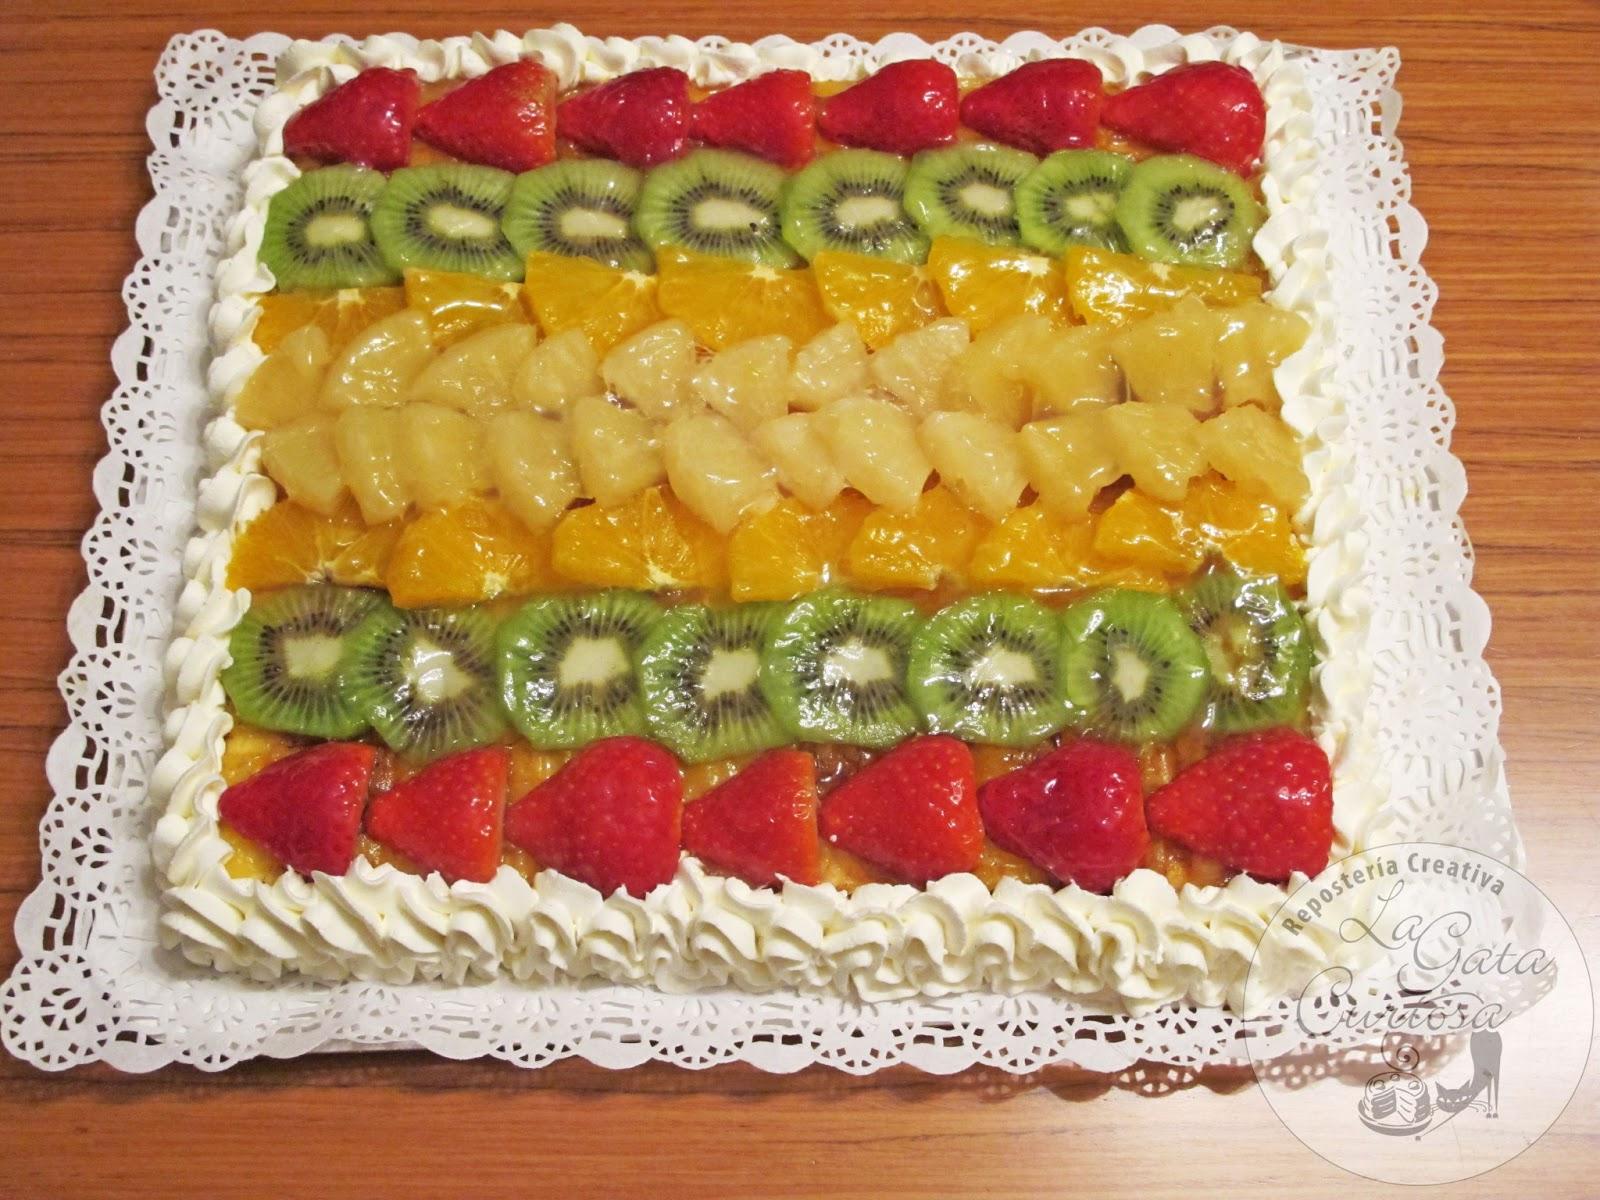 La Gata Curiosa Tarta De Crema Pastelera Yema Y Fruta Fresca